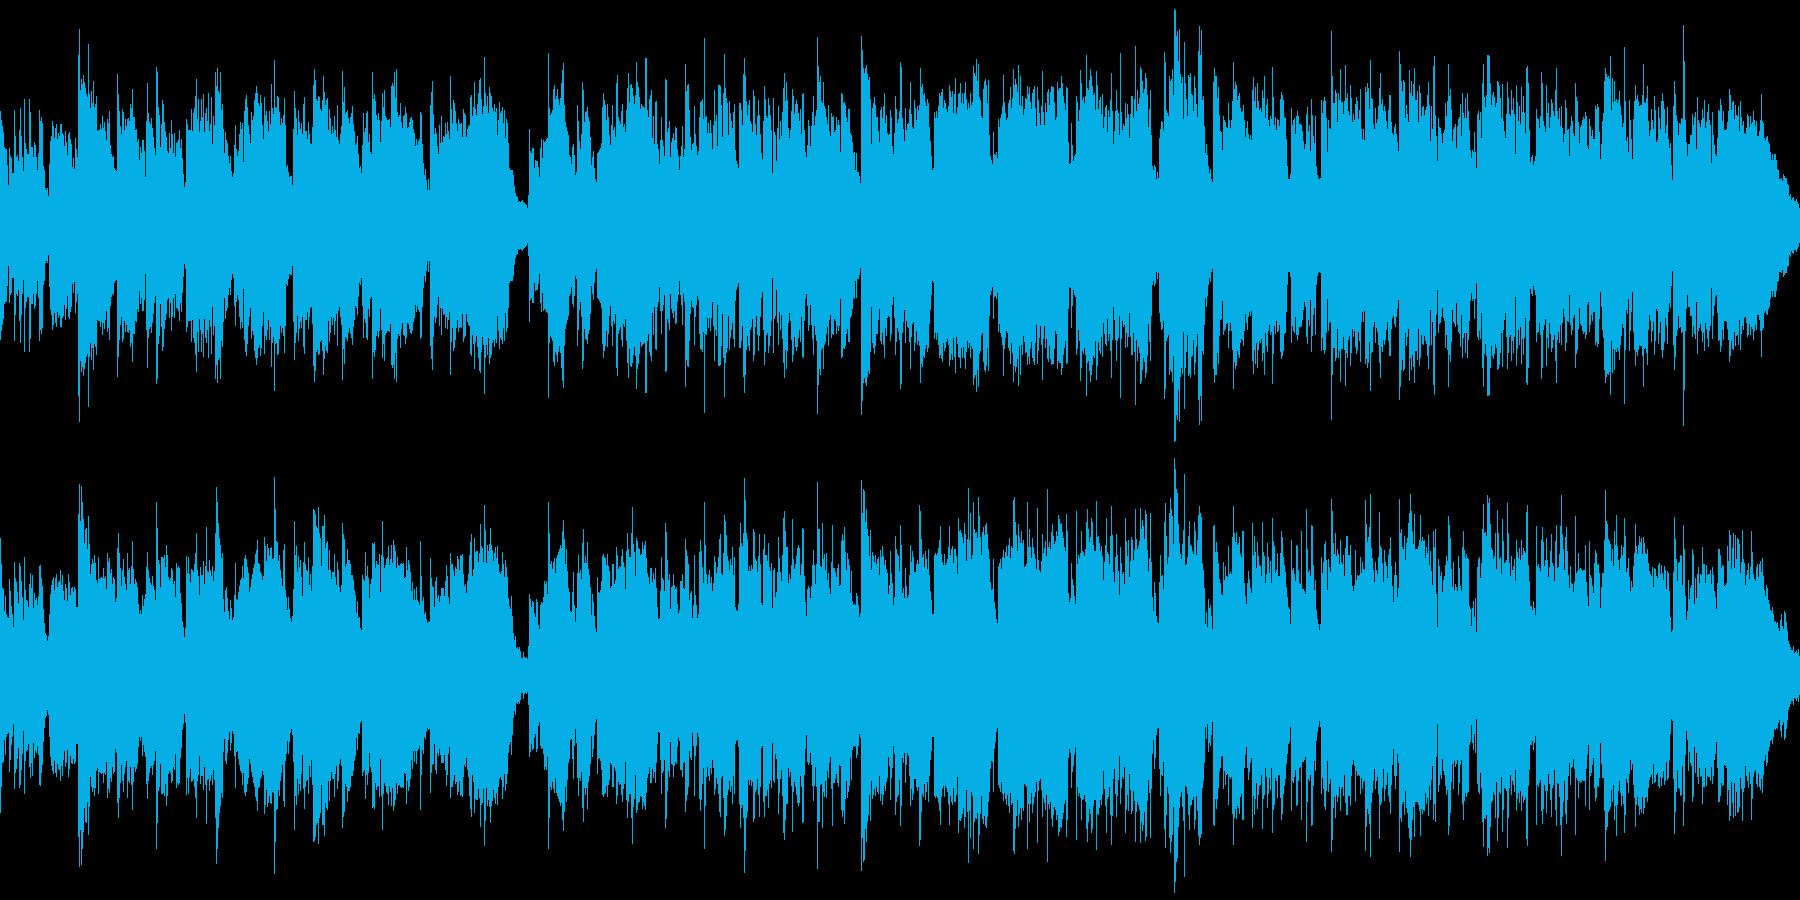 篠笛生演奏の和風バラード ※ループ仕様版の再生済みの波形